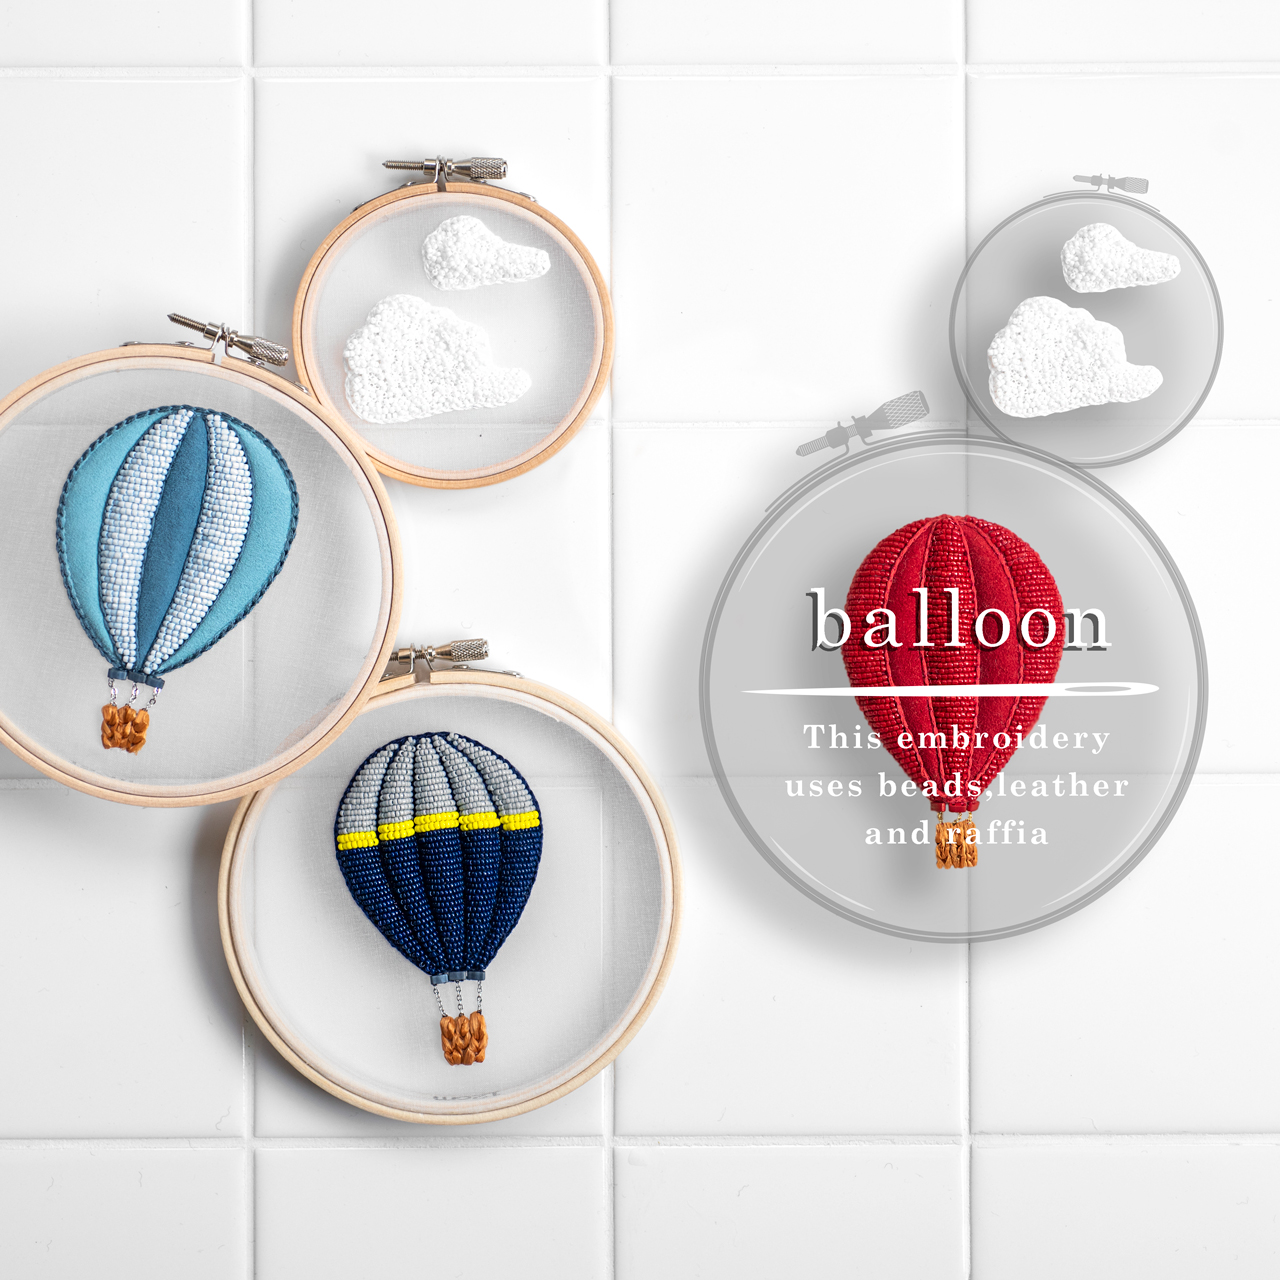 気球の刺繍